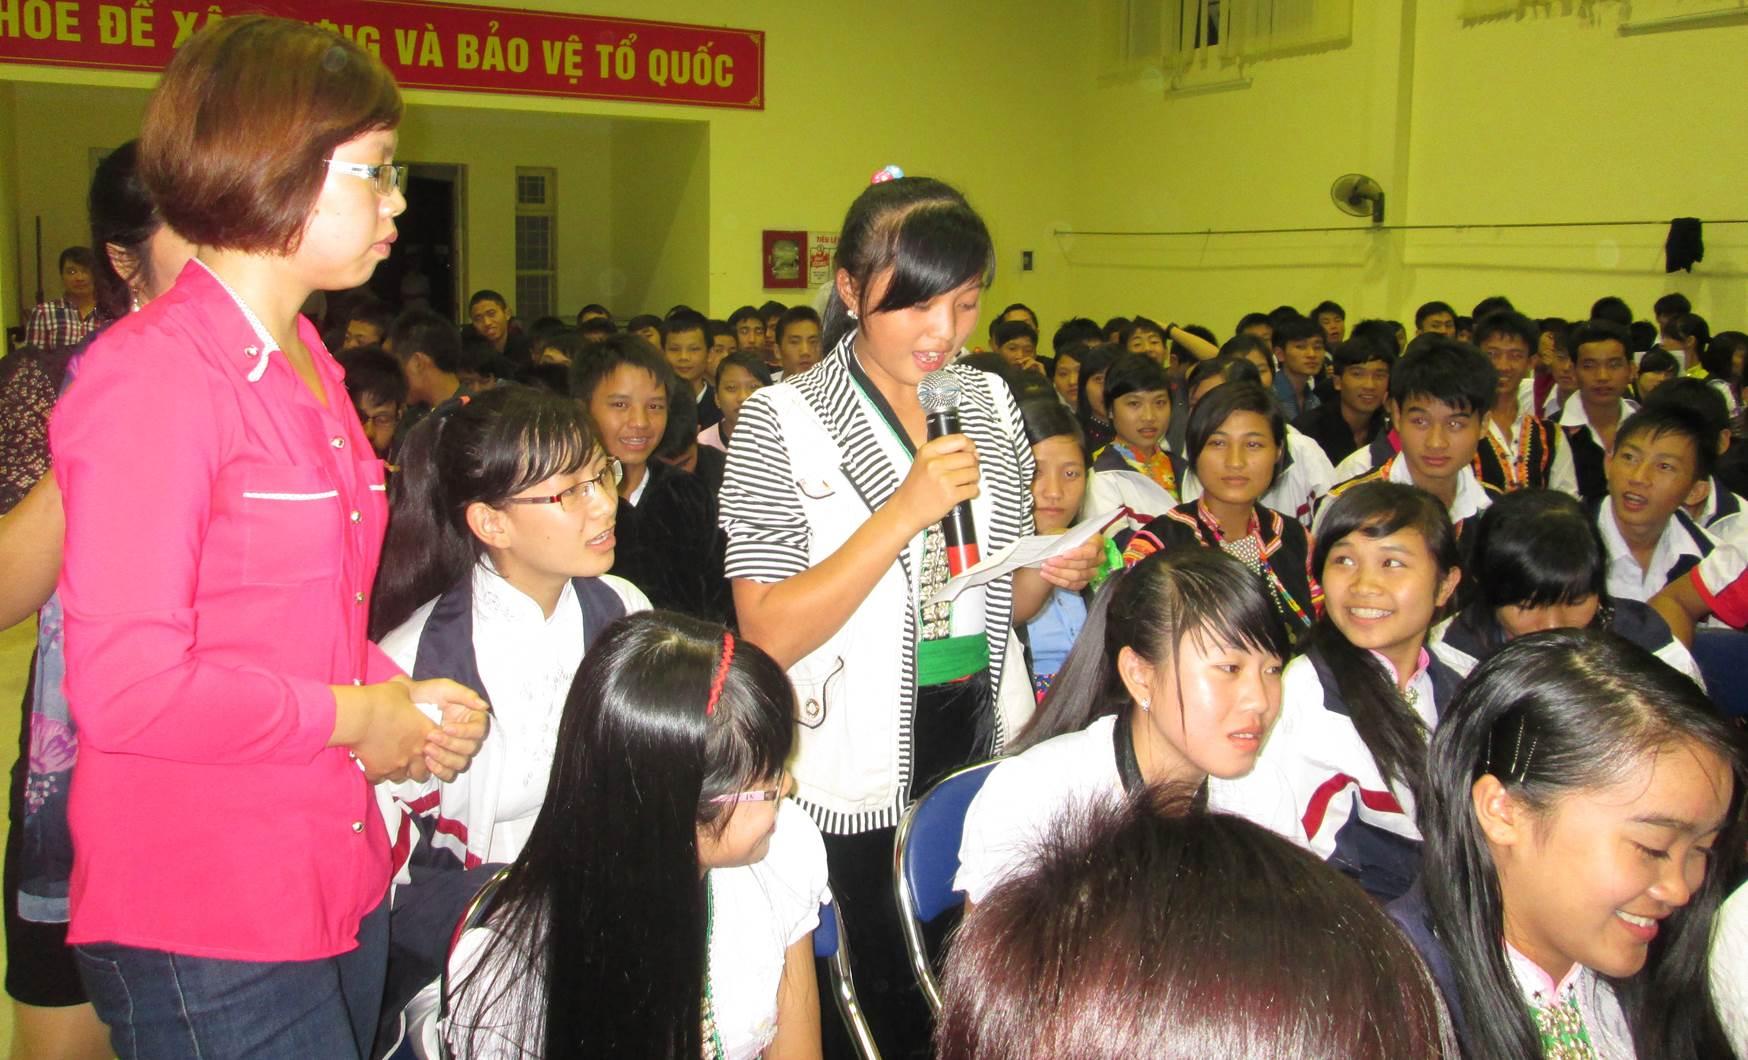 Điện Biên chú trọng giáo dục pháp luật trong trường học